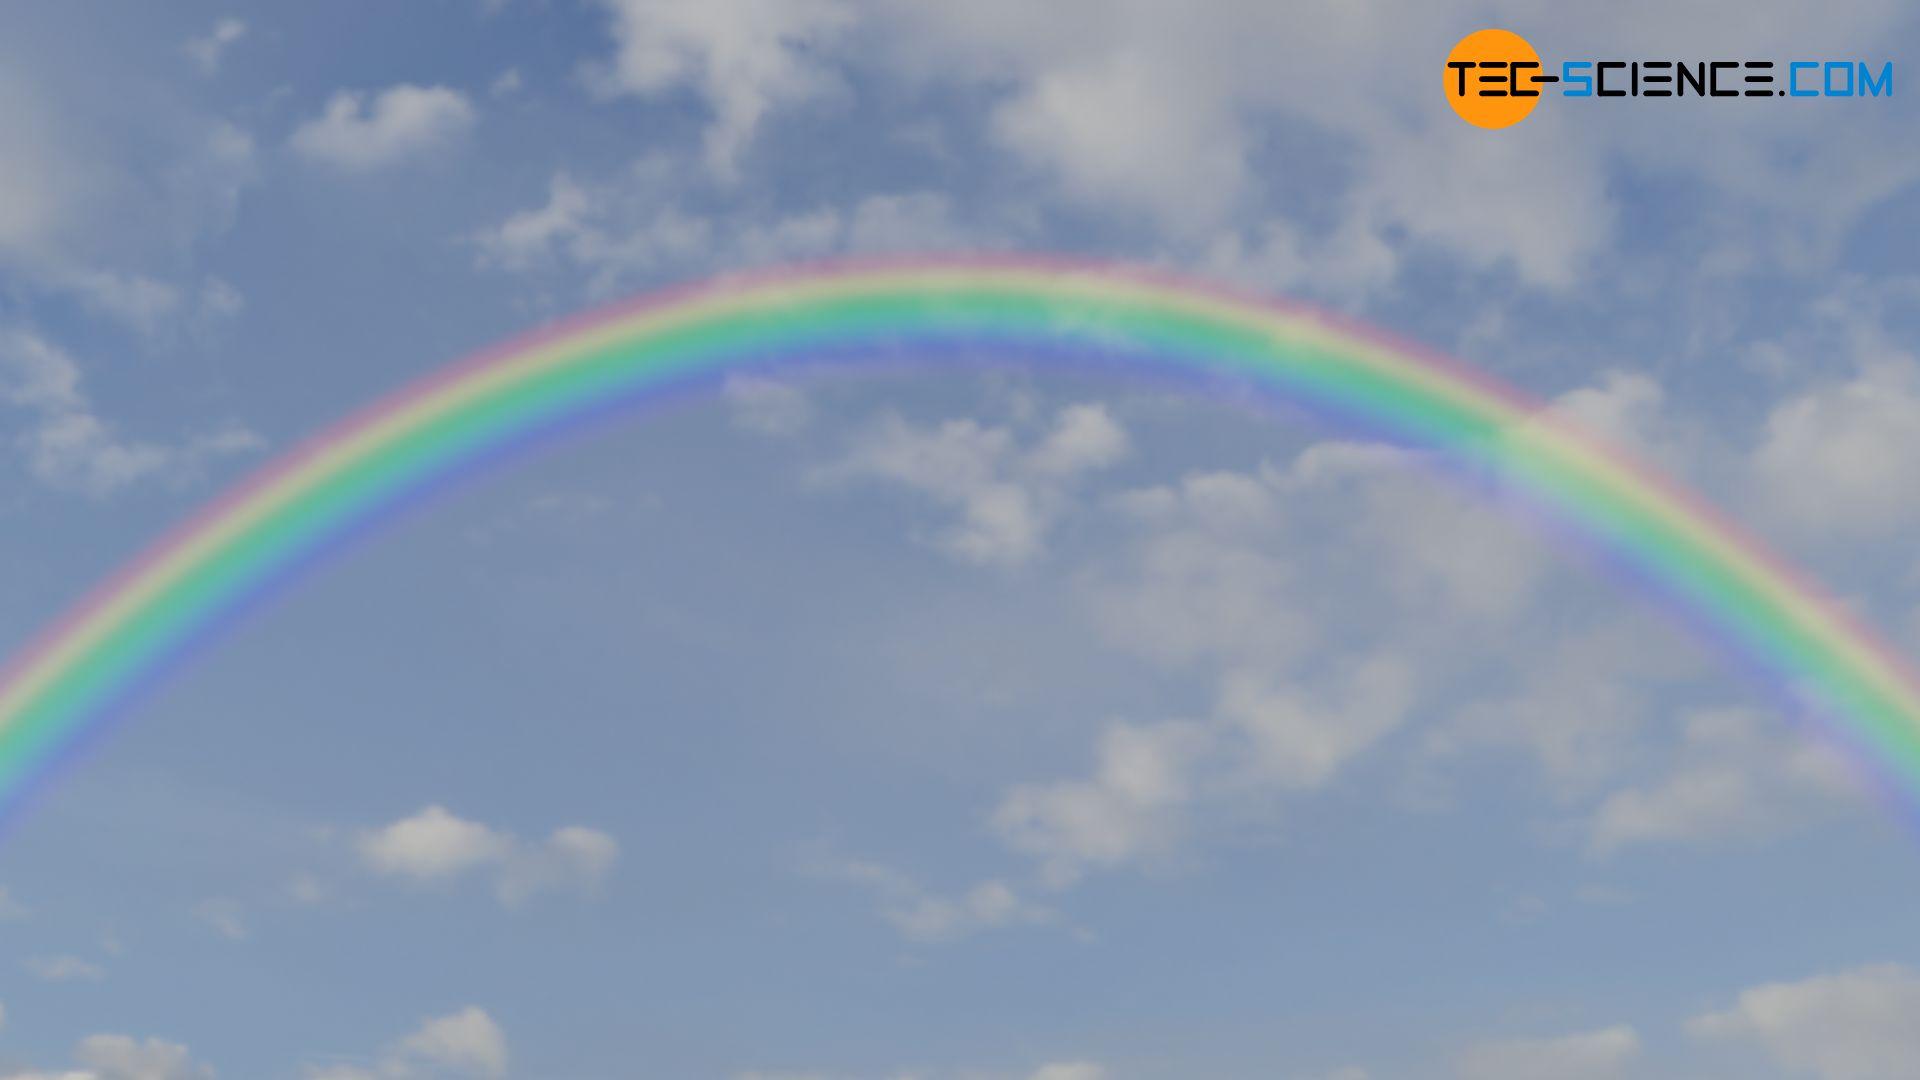 Spektralfarben eines Regenbogens